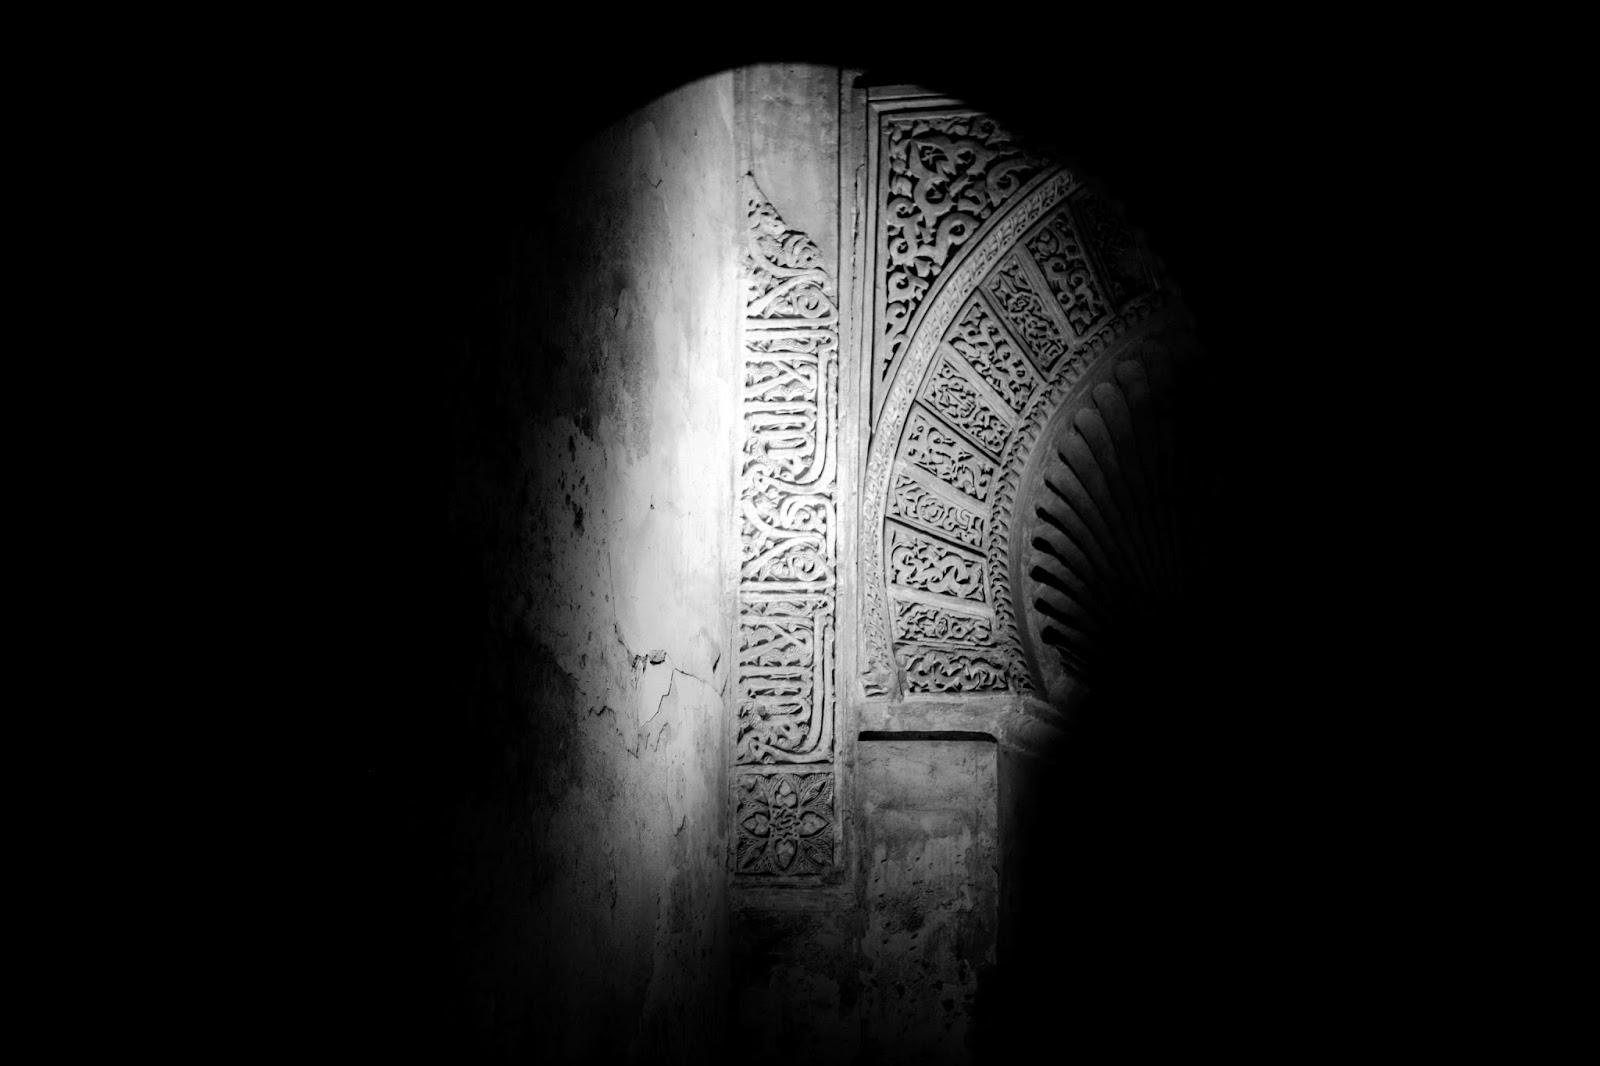 Haikus de la Alhambra en su segunda edición, Francisco Acuyo, Ancile